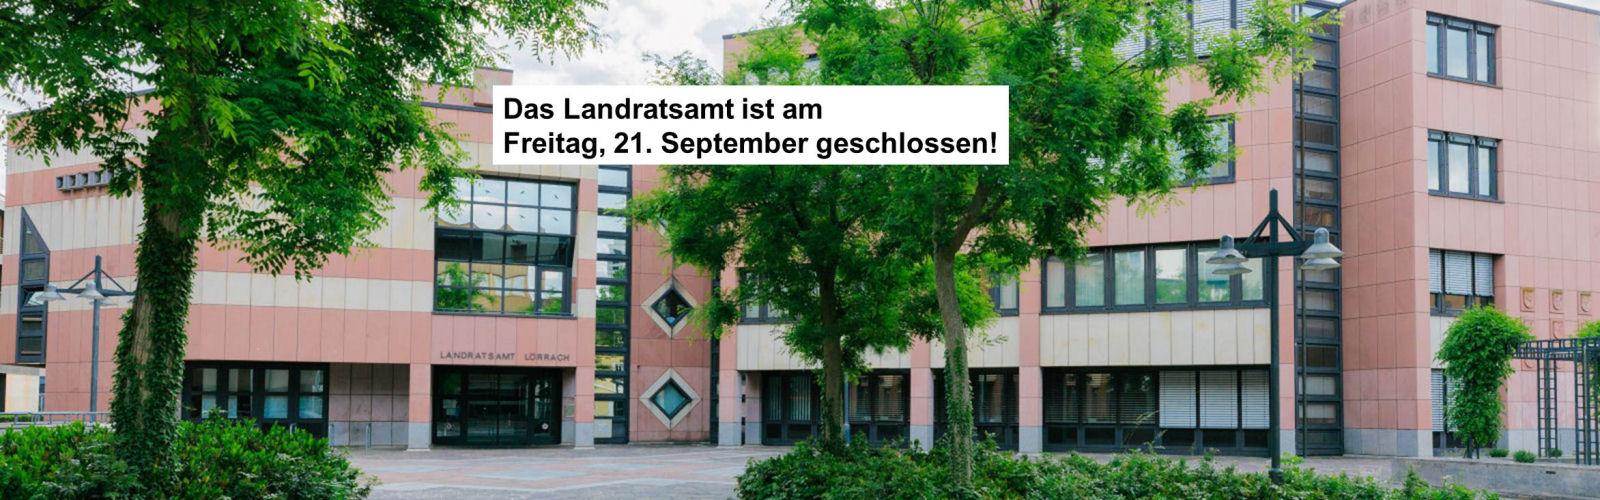 Landratsamt Lörrach geschlossen!